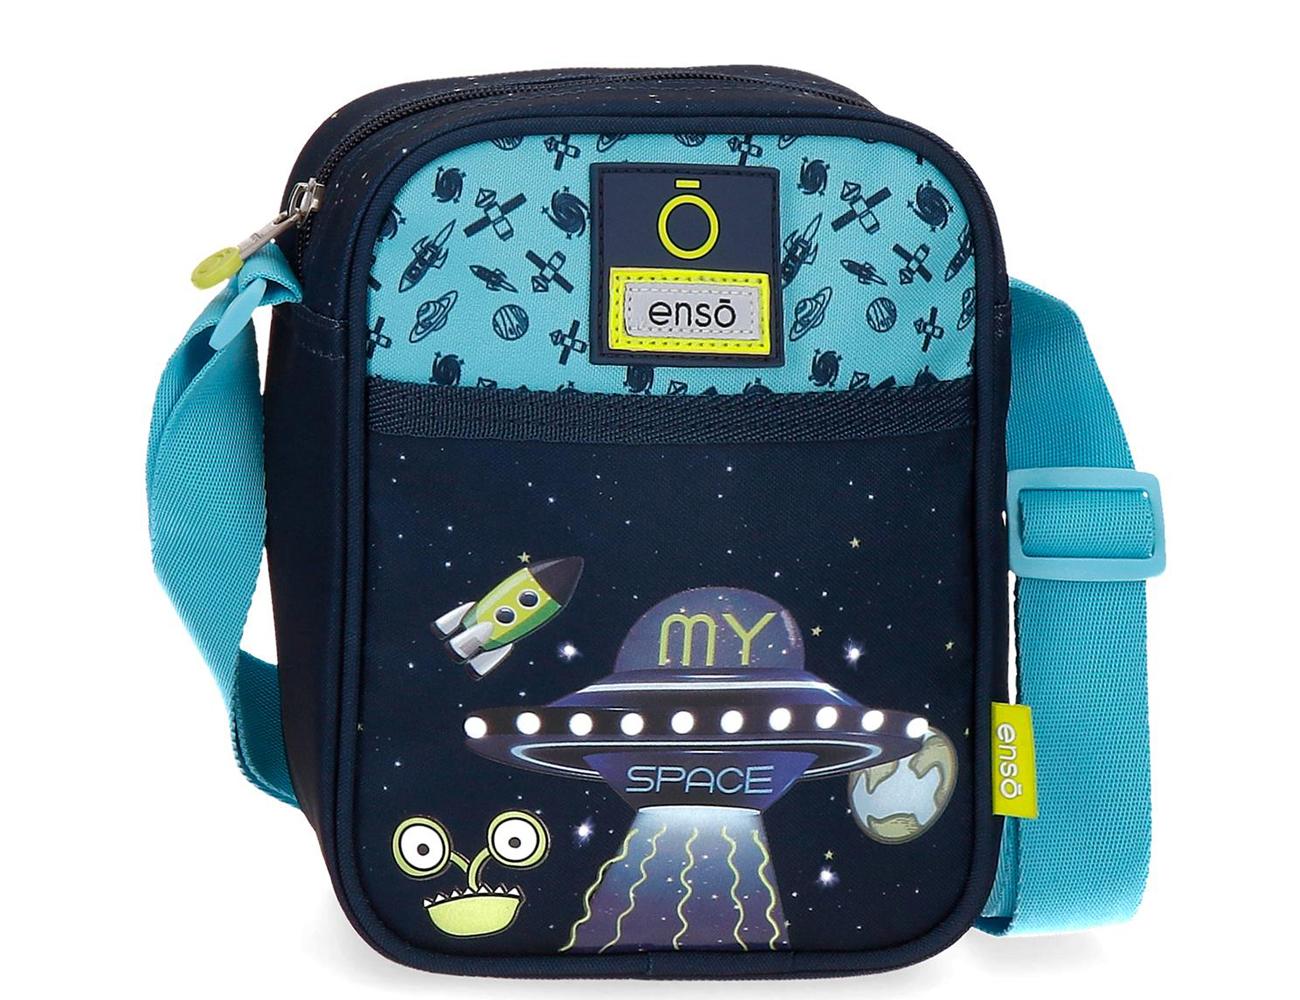 9145521 Bandolera 19 cm Enso My space